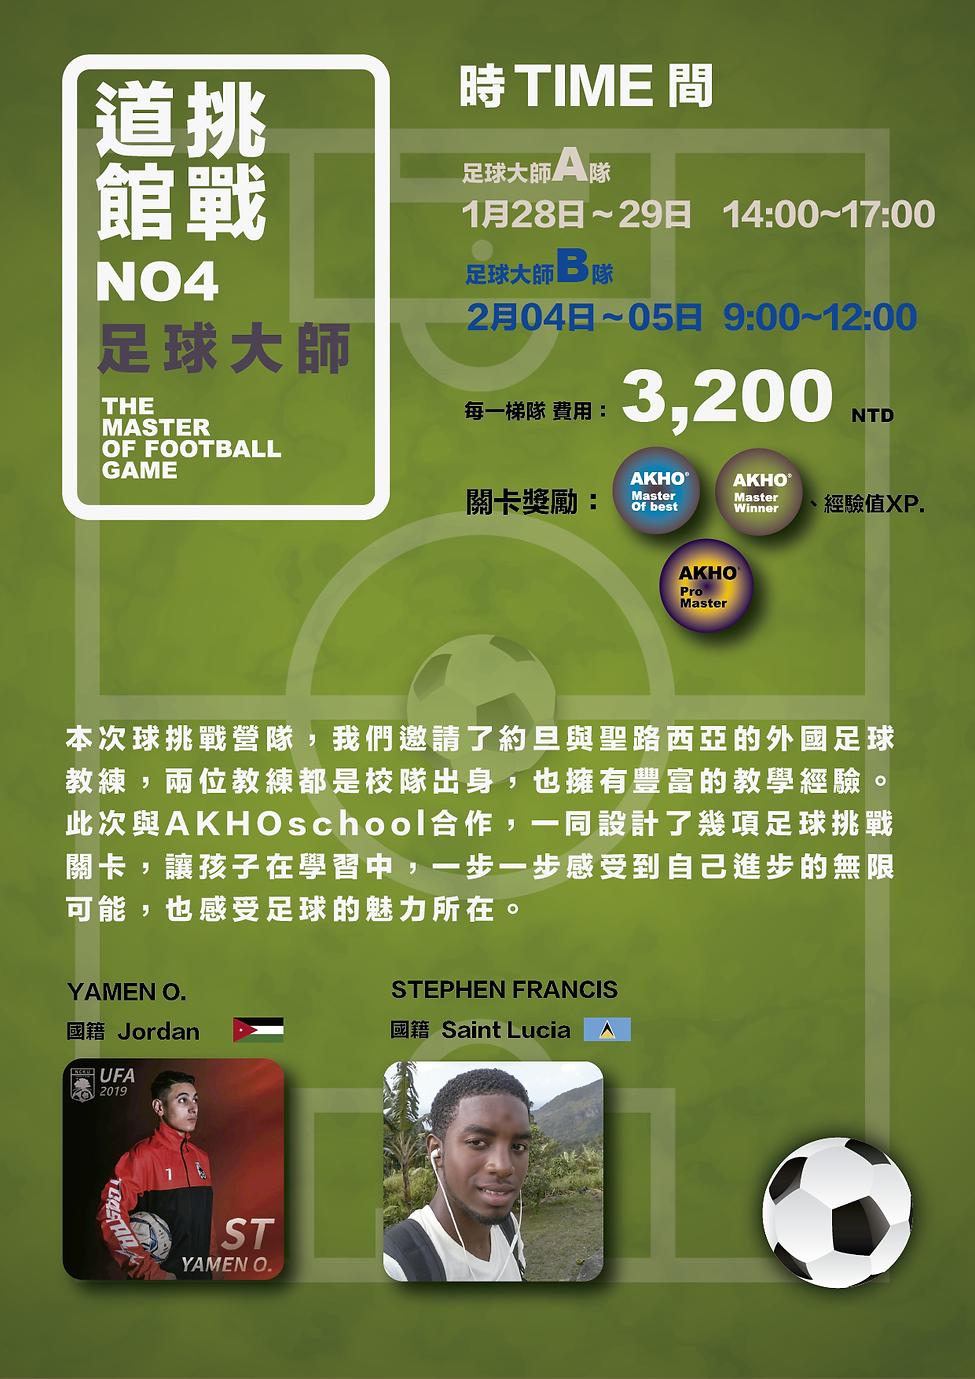 pokemon web poster 222_工作區域 1 複本 6.png